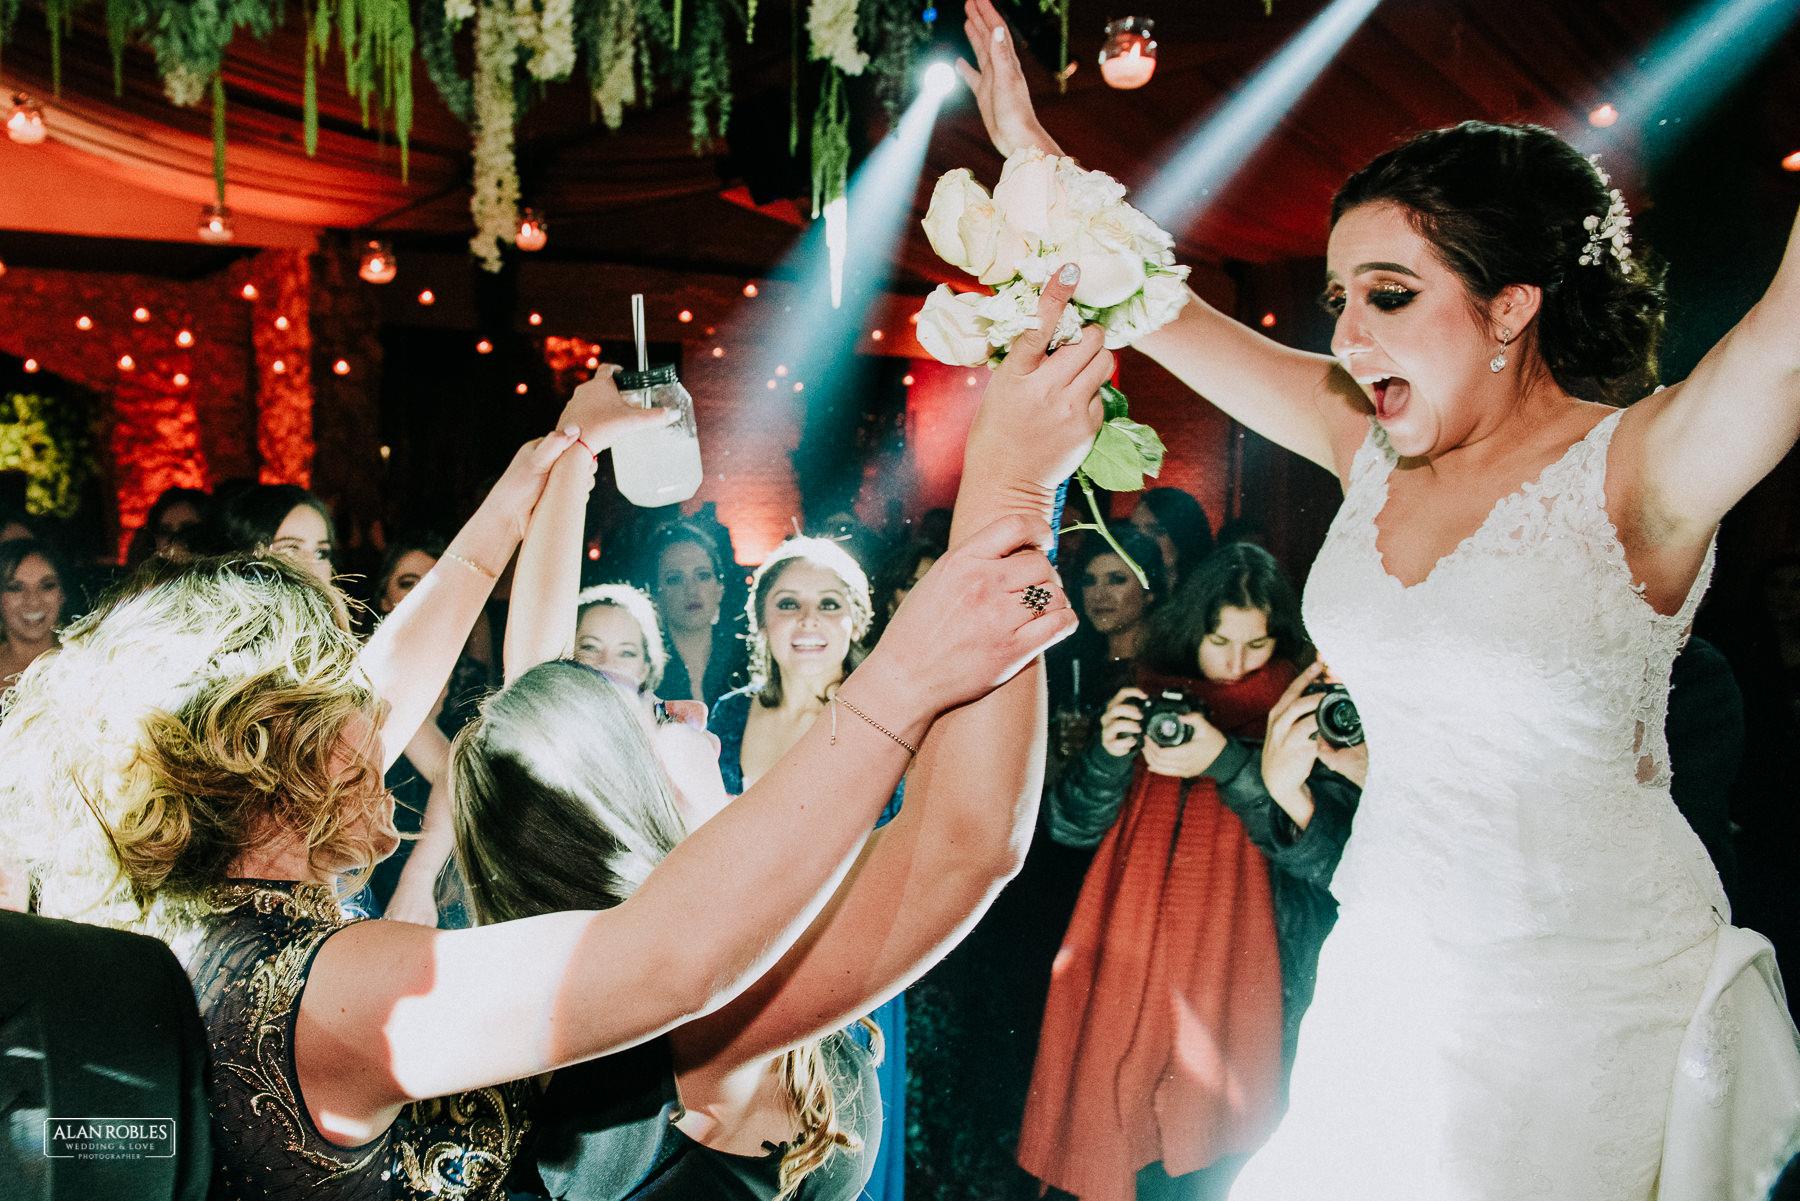 Fotografo de bodas Alan Robles-Casa Clementina Guadalajara DyA-78